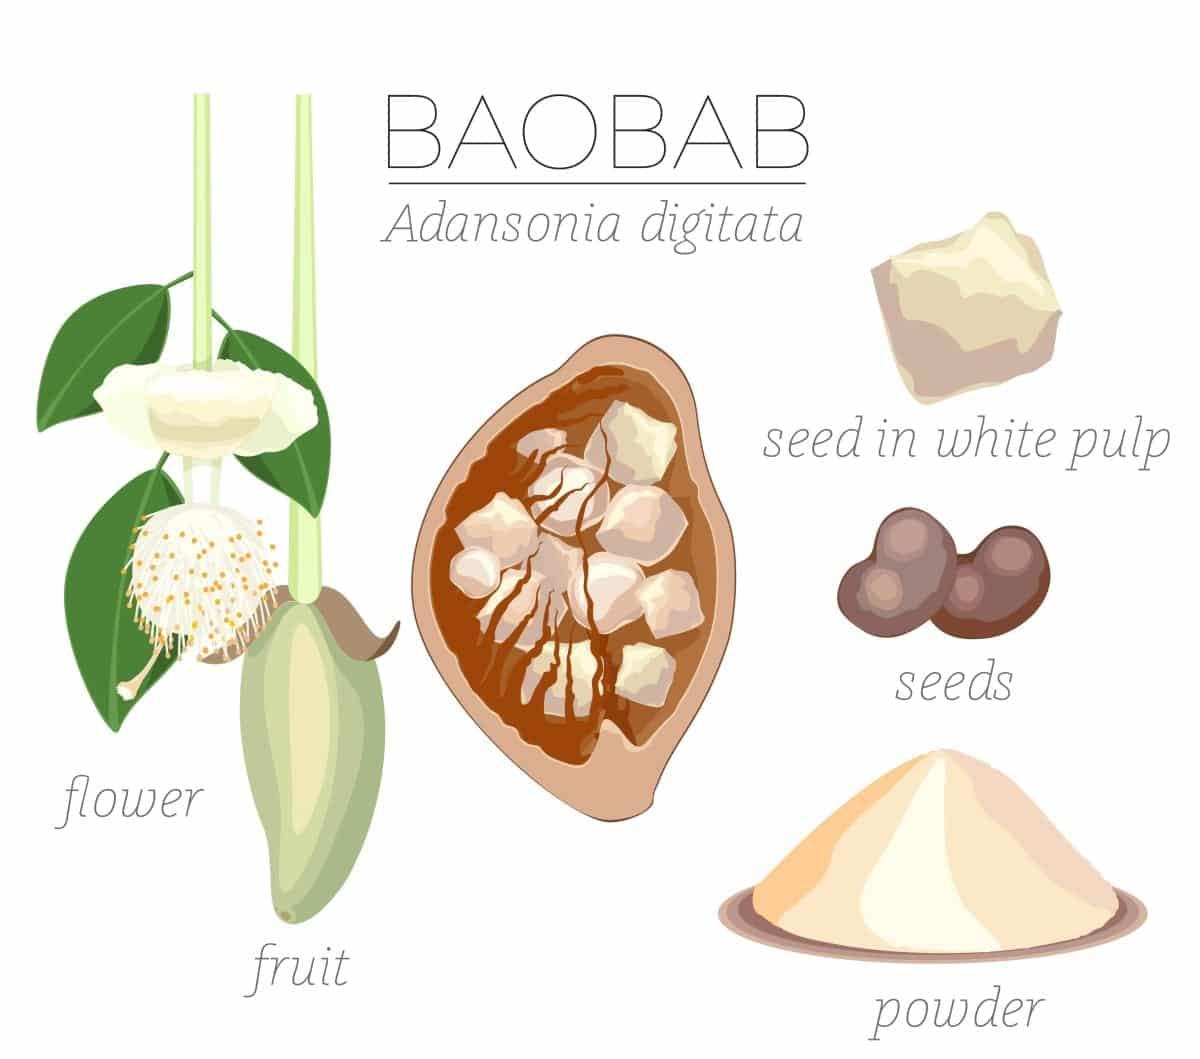 Baobab Frucht Samen Pulver Das Superfood Aus Afrika Miomente